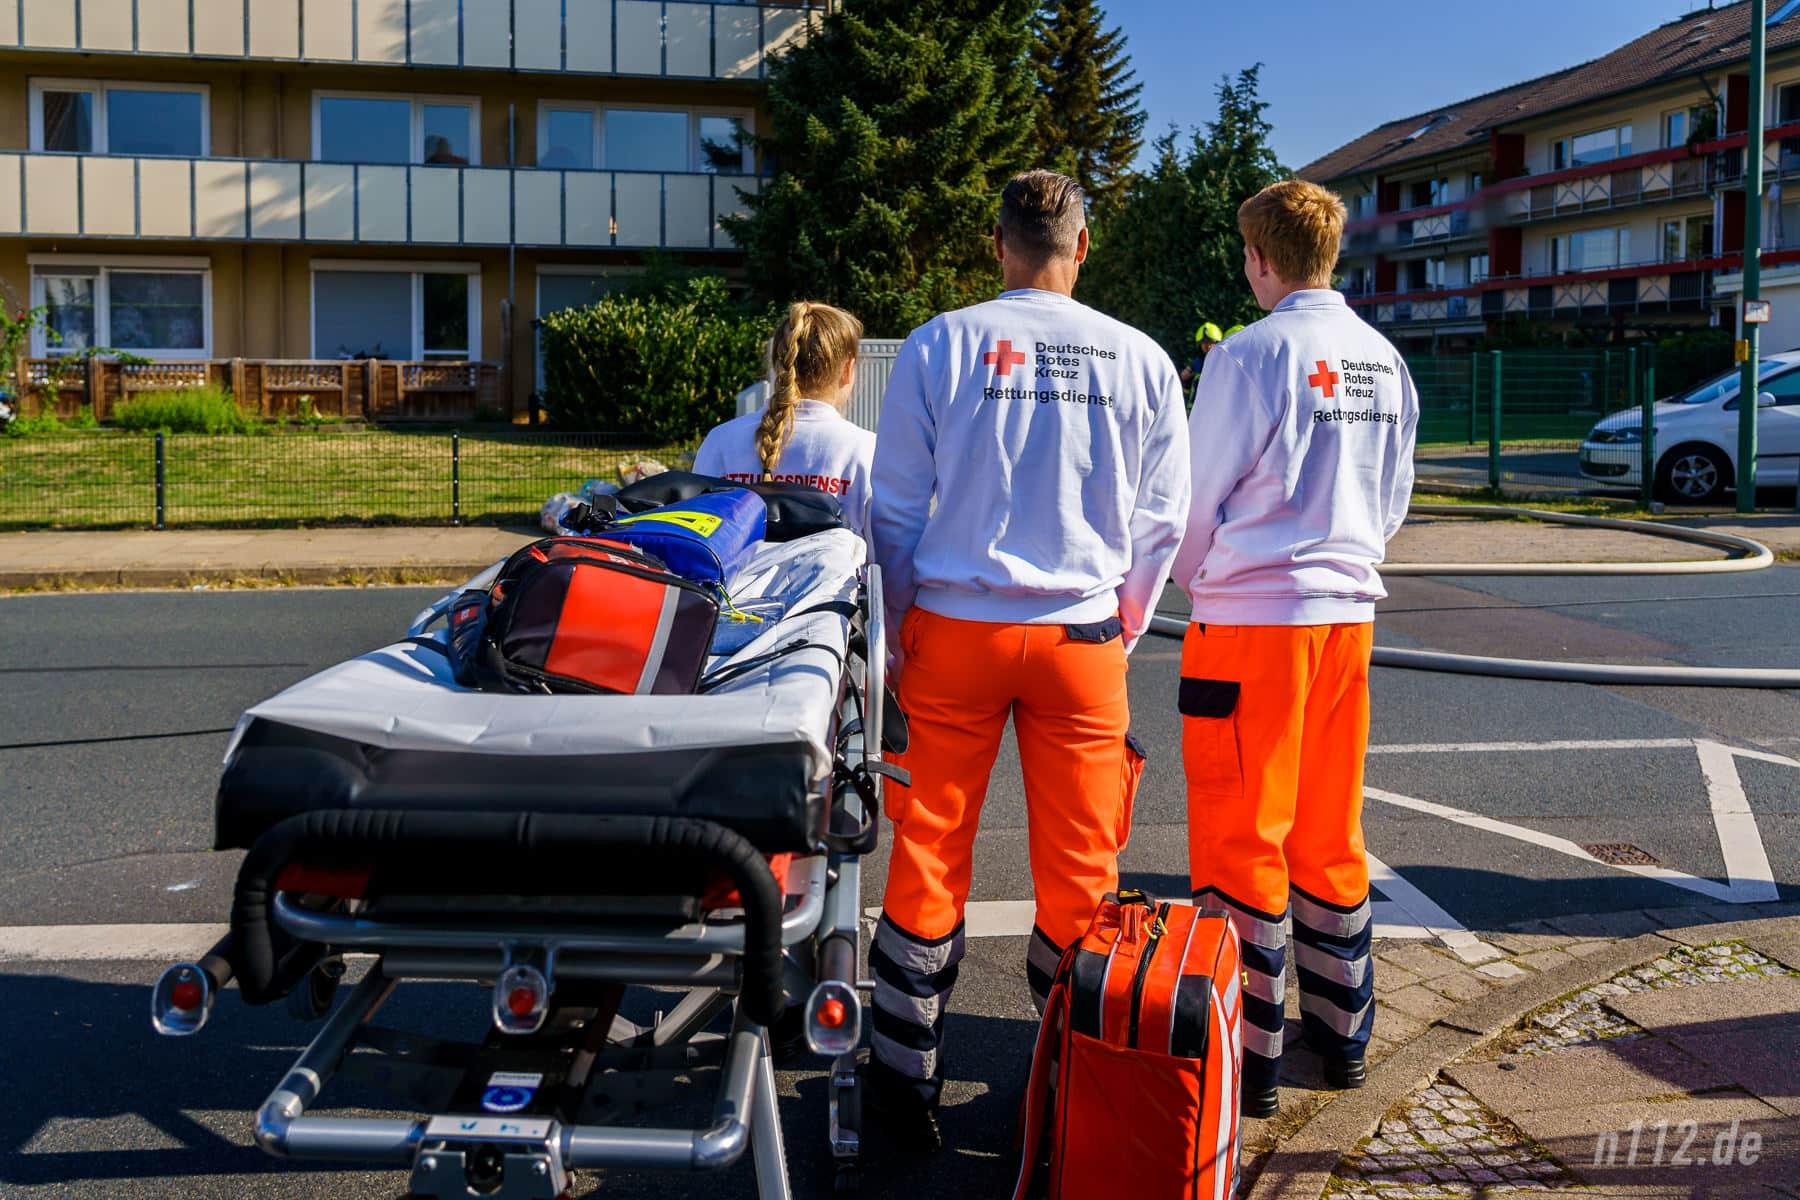 Warten auf Verletzte: Die Sanitäter stehen etwas abseits mit ihrem Equipment bereit. Ein Verletzter würde von Feuerwehrleuten aus dem Gefahrenbereich getragen und dann dort übergeben werden, wo der Rettungsdienst direkt mit der Behandlung anfangen kann (Foto: n112.de/Stefan Simonsen)